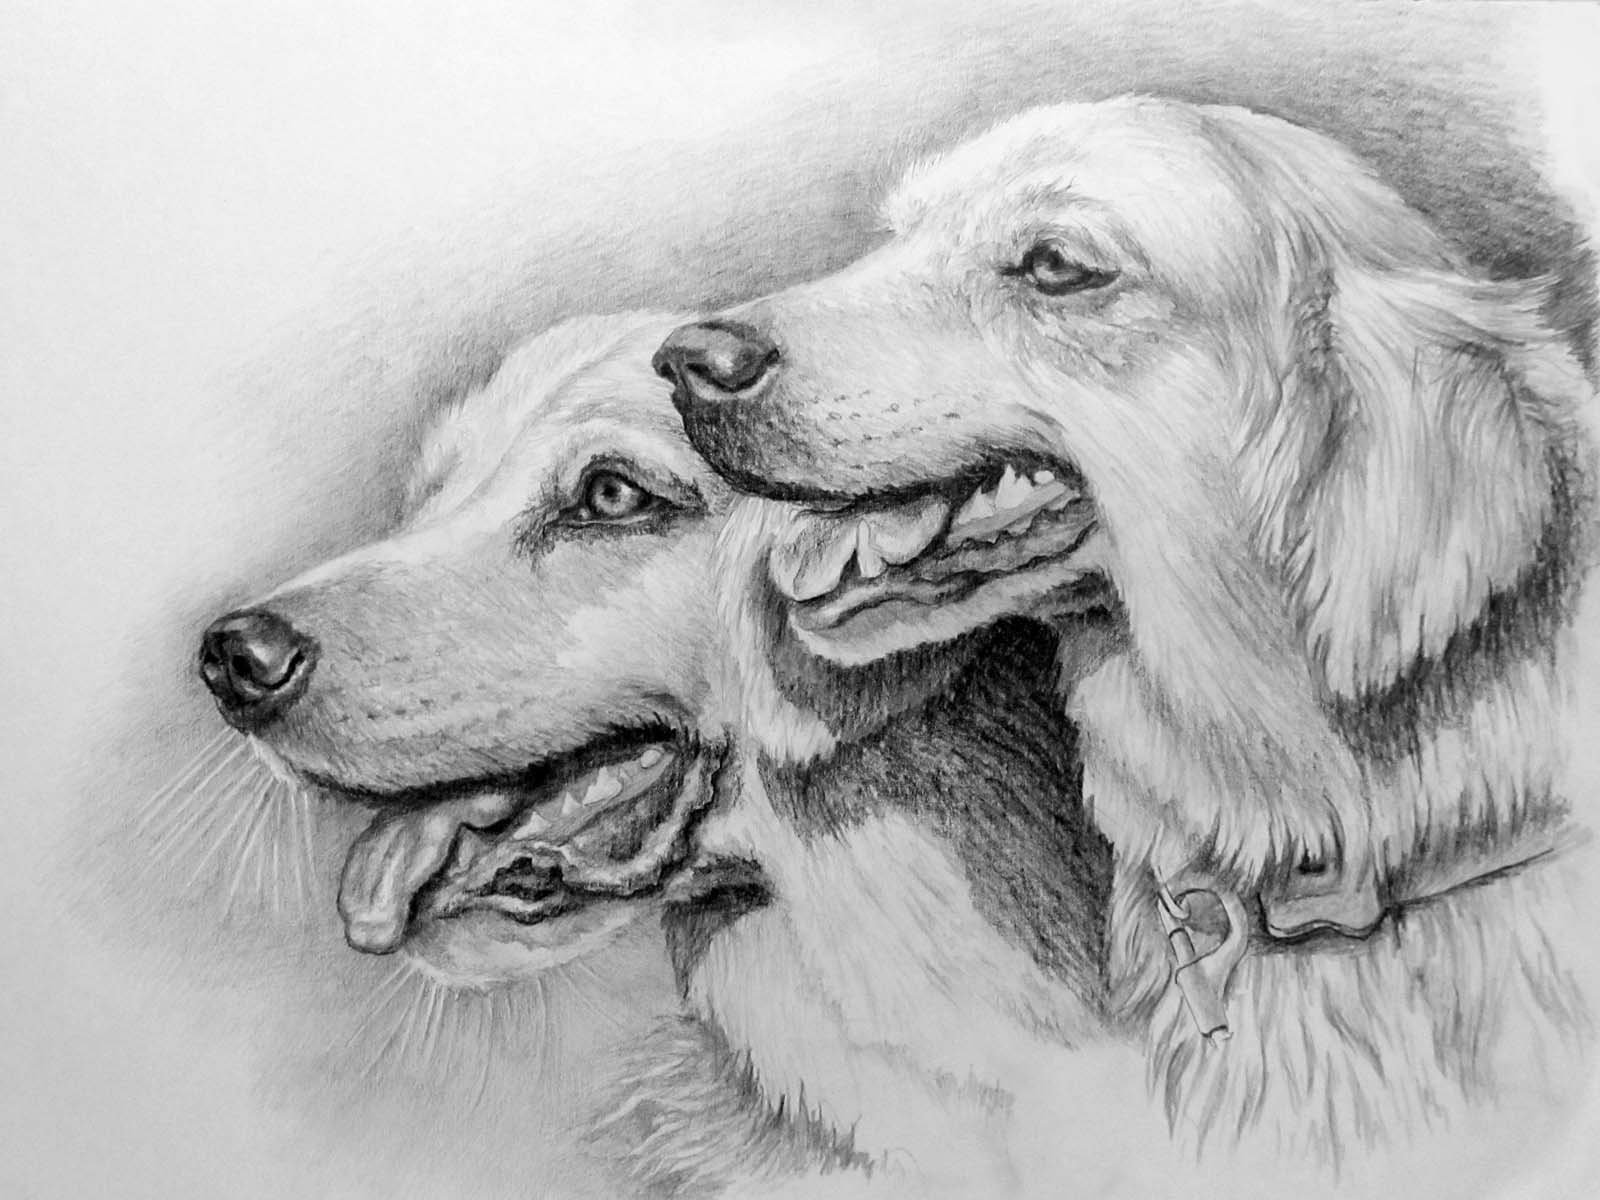 Рисунки которые нарисованы простым карандашом